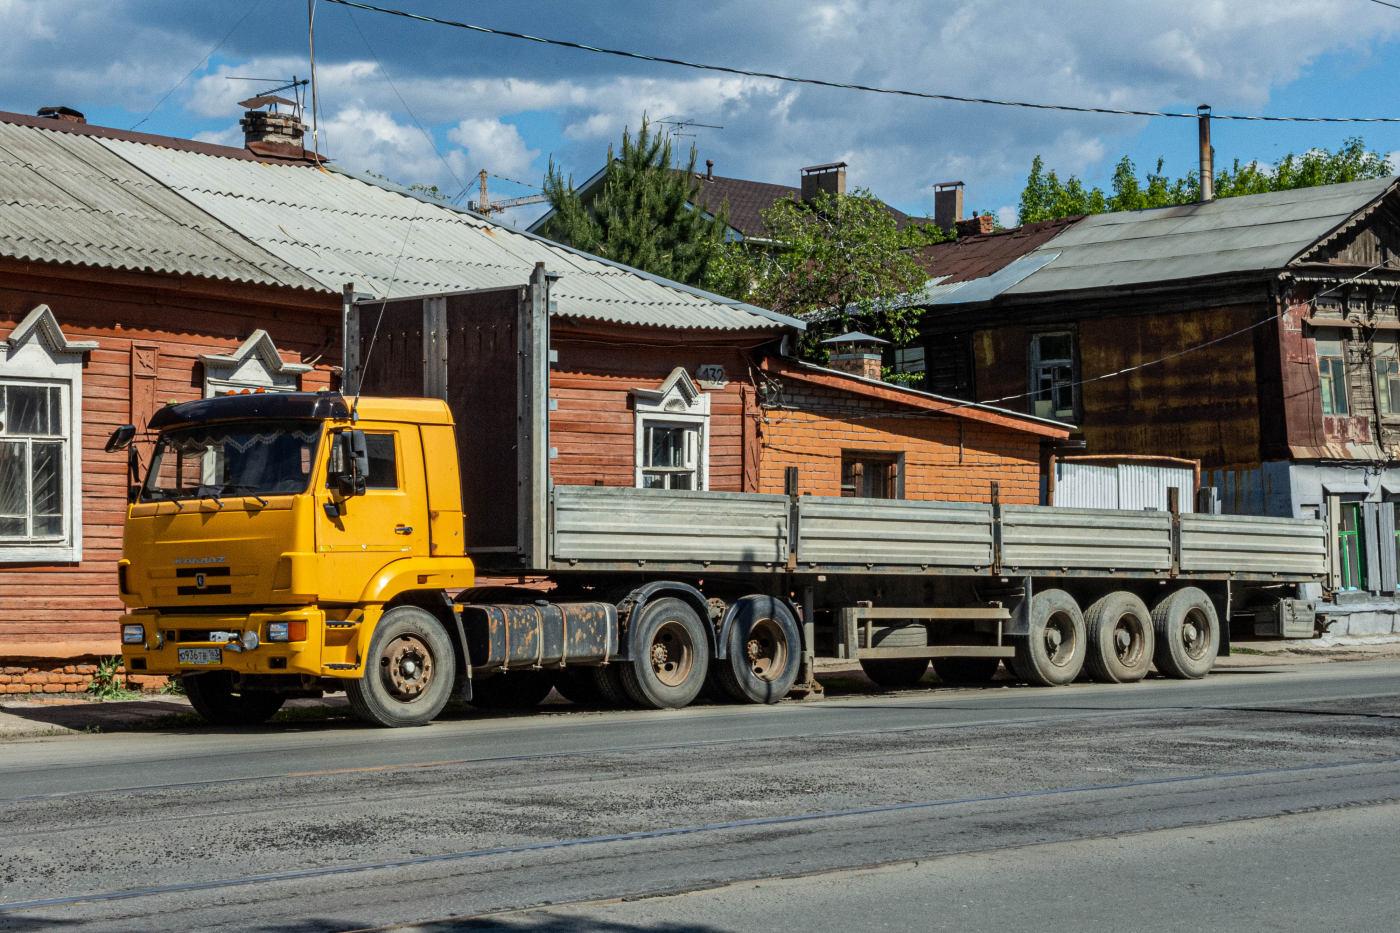 седельный тягач  КамАЗ-54115 #О936ТВ163 с полуприцепом ТОНАР #8008АУ63. г. Самара, ул. Арцибушевская